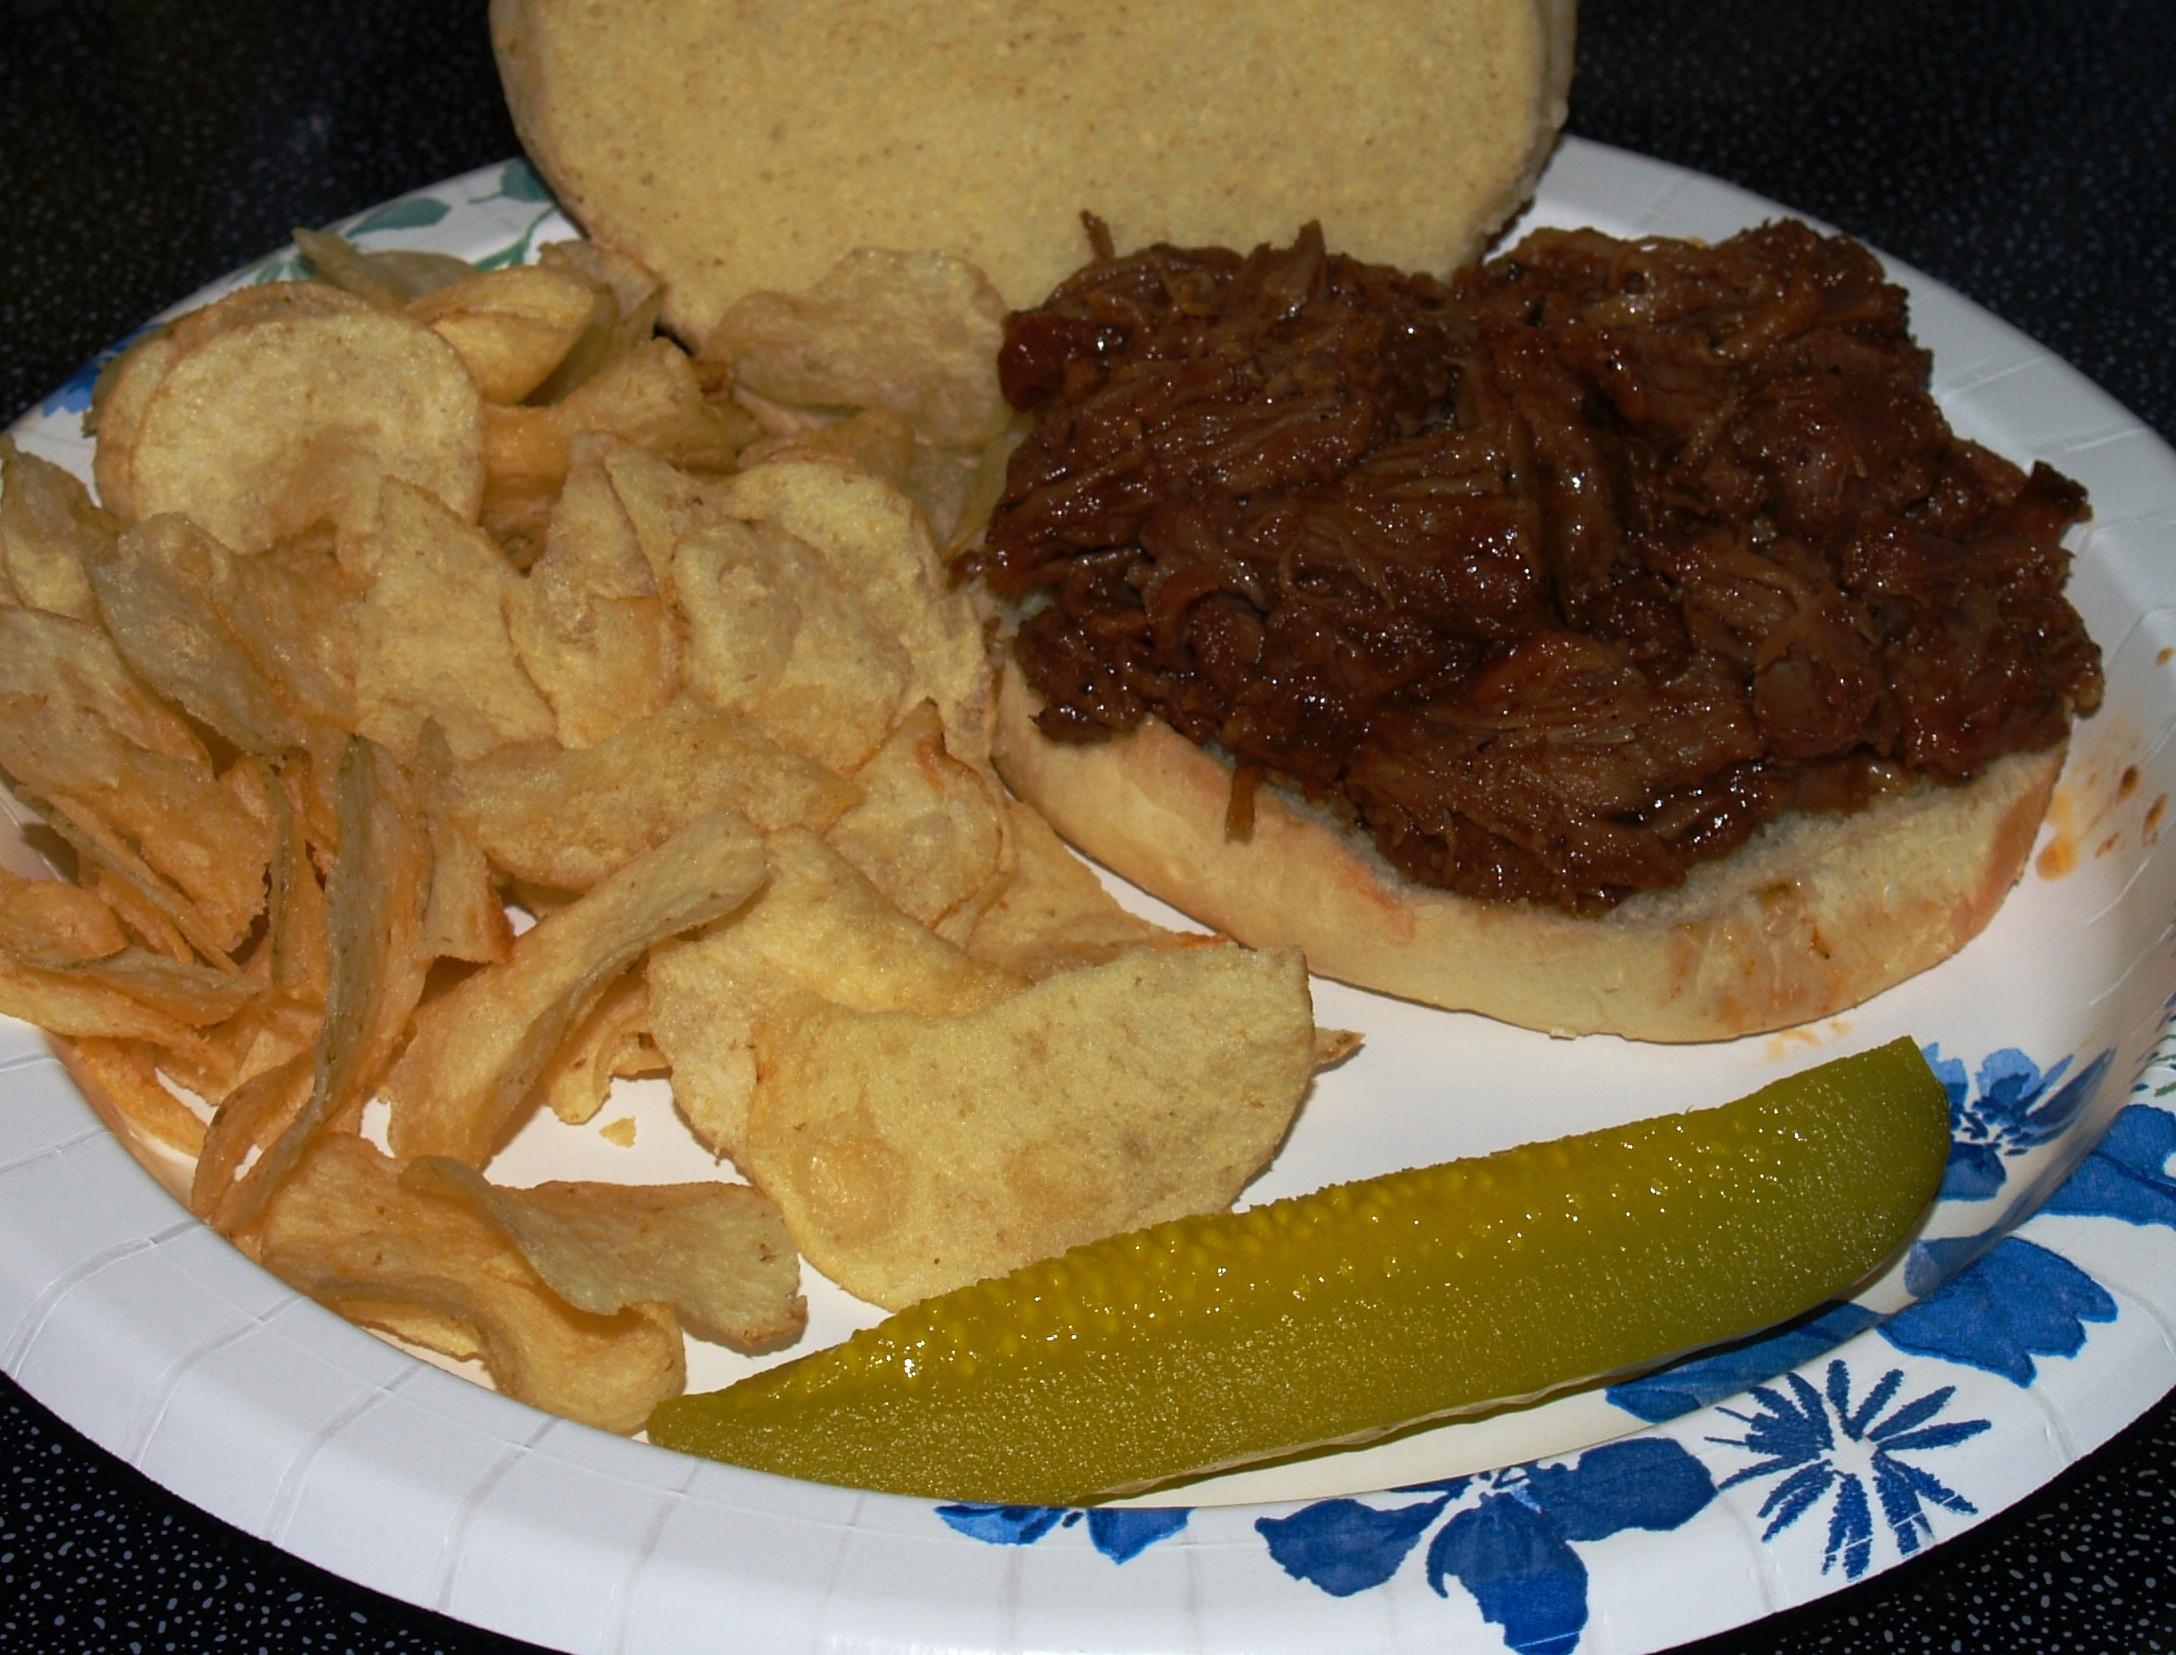 Pork Steak Sandwiches from Kelli's Kitchen